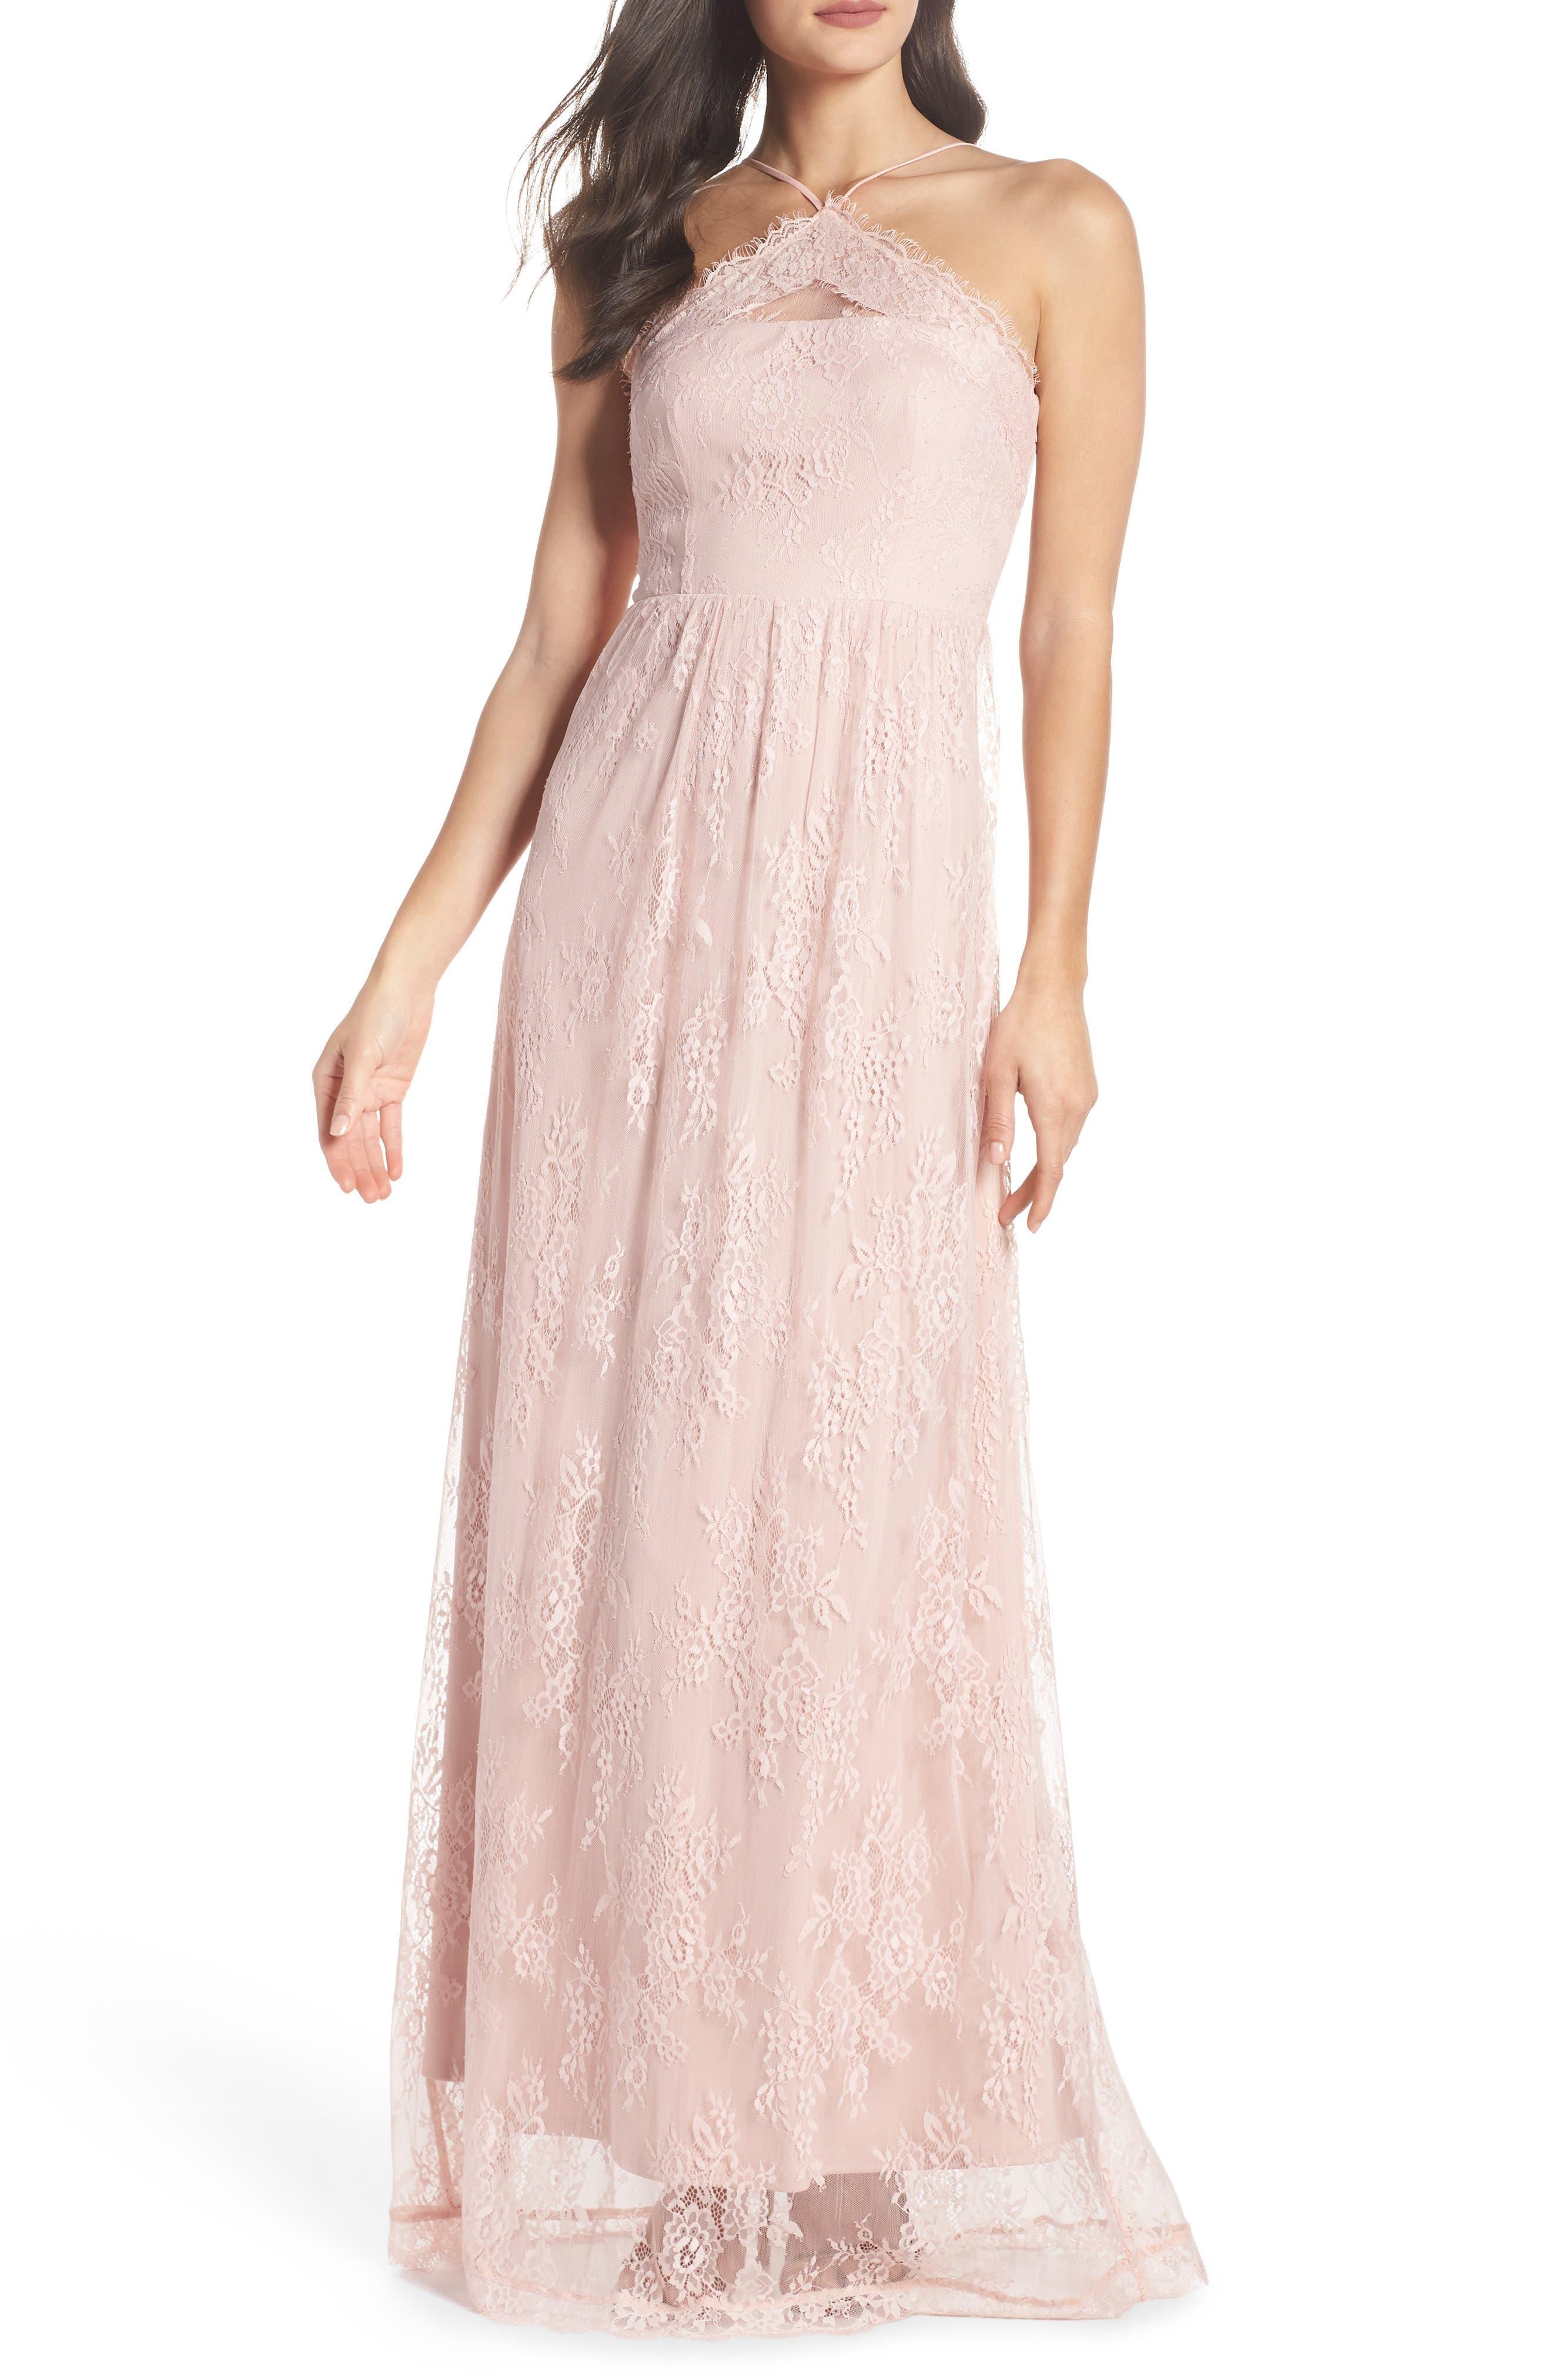 Eloise Halter Neck Lace Gown,                             Main thumbnail 1, color,                             Rose Quartz